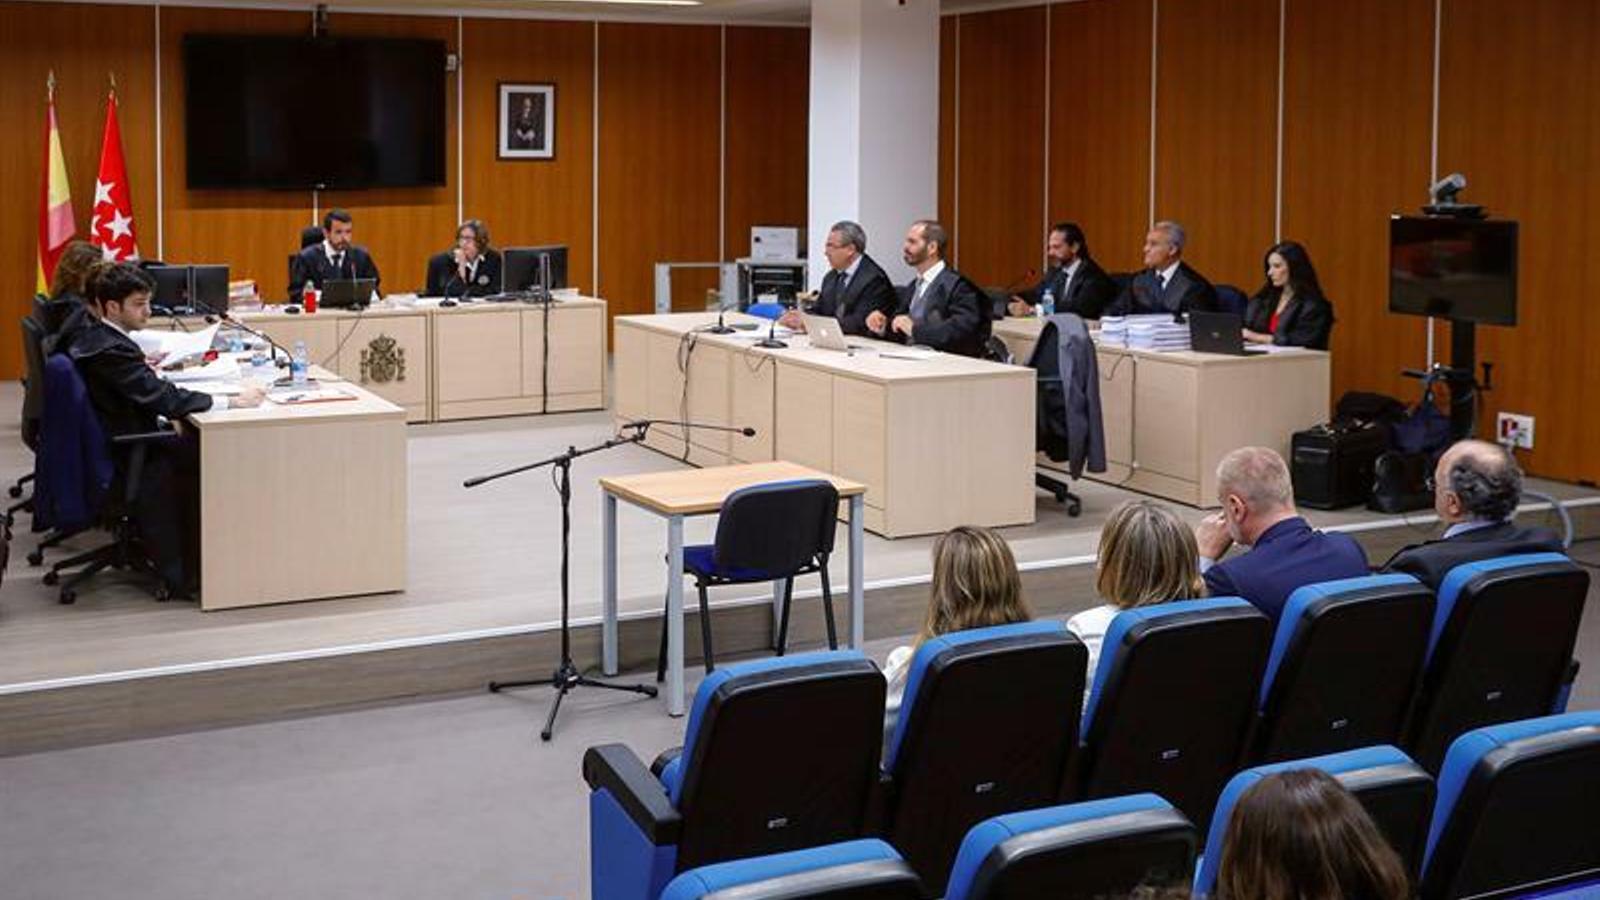 Primera sessió del judici sobre l'esborrat dels ordinadors de Bárcenas